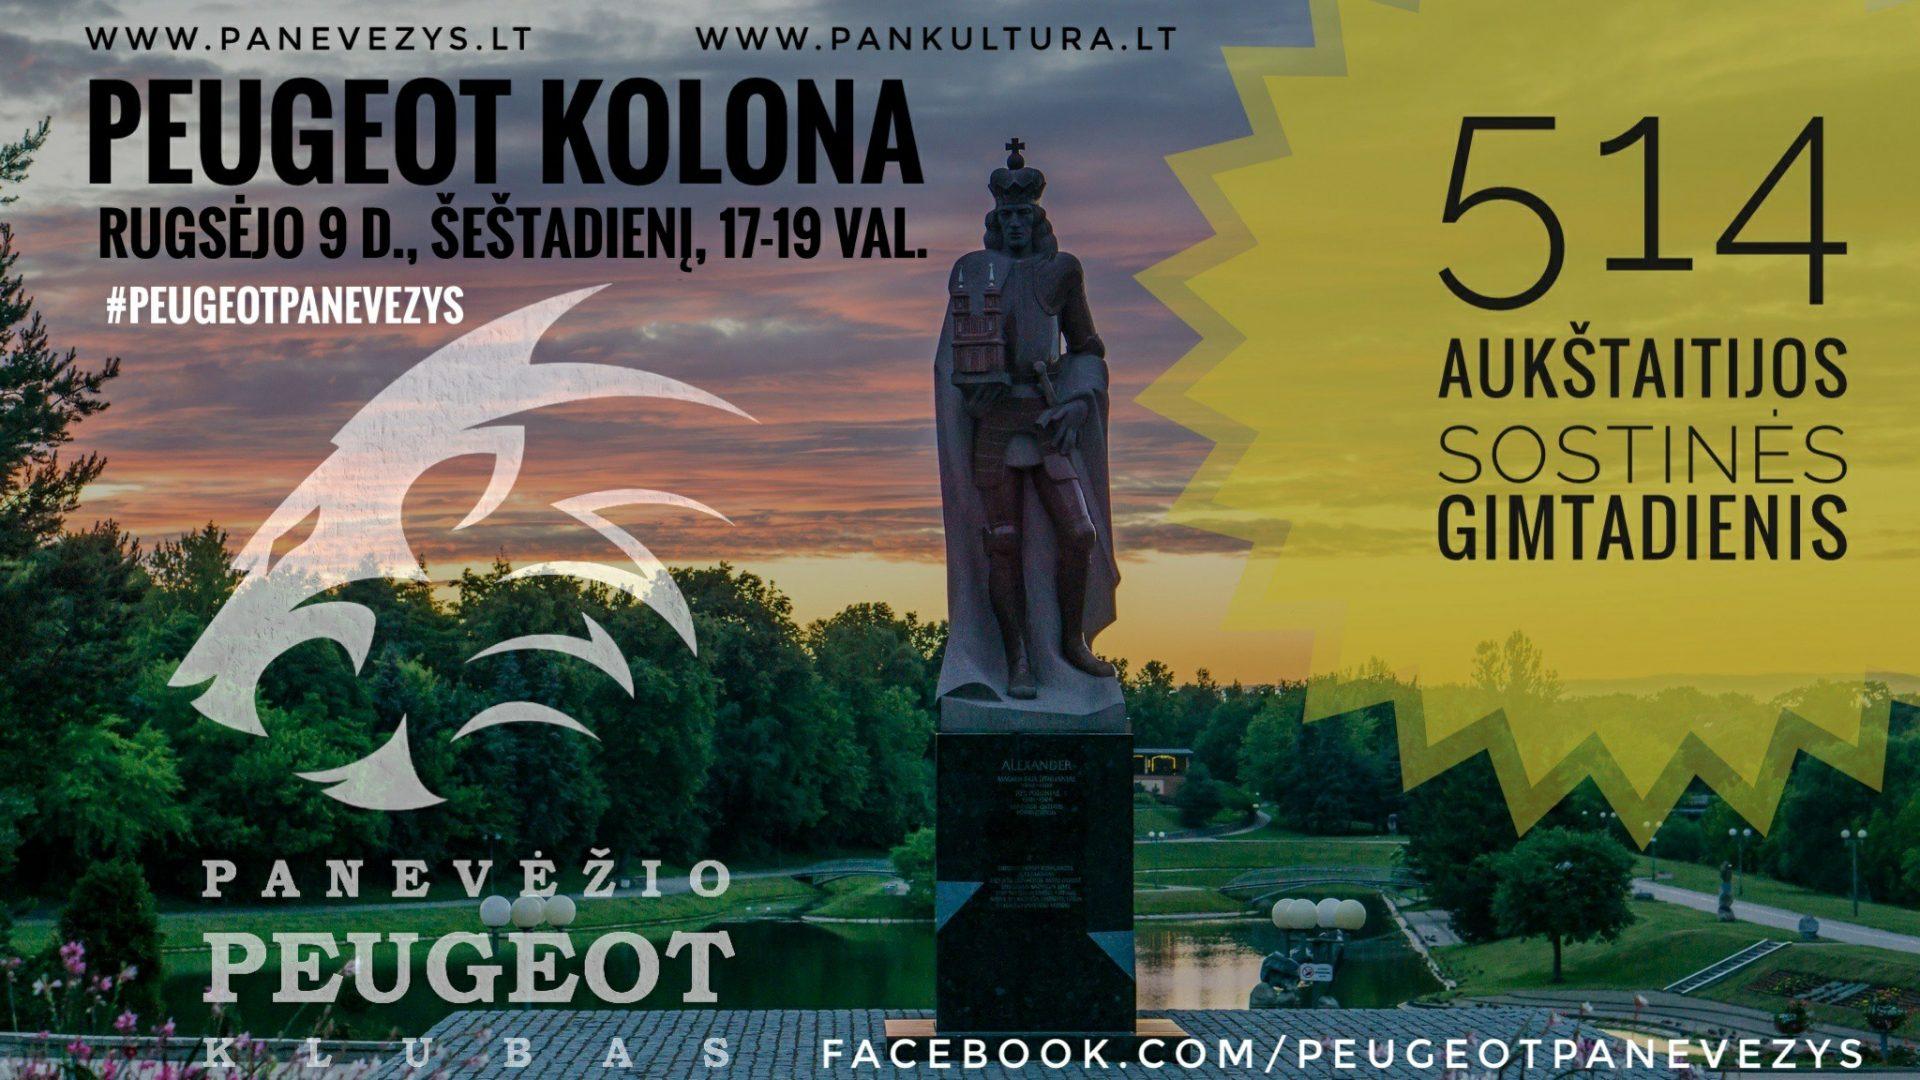 Peugeot kolona - 514 Panevėžio gimtadienis